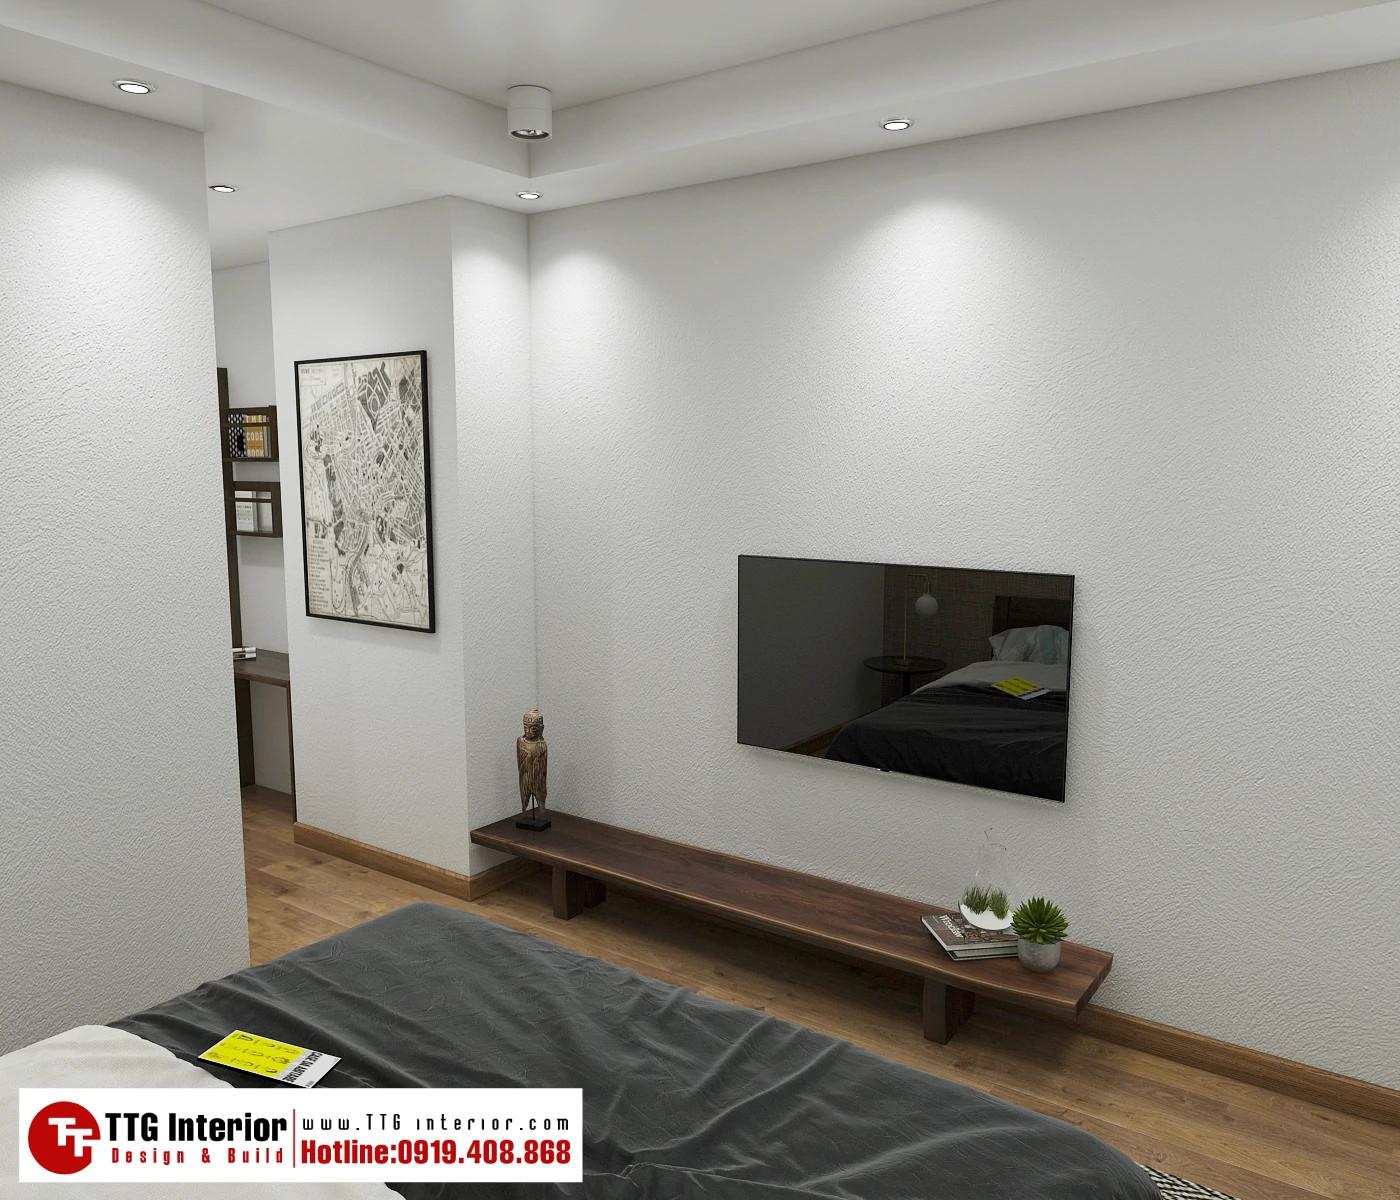 Thiết kế thi công nội thất tổ hợp thương mại, anh Tr Sóc Sơn Hà Nội